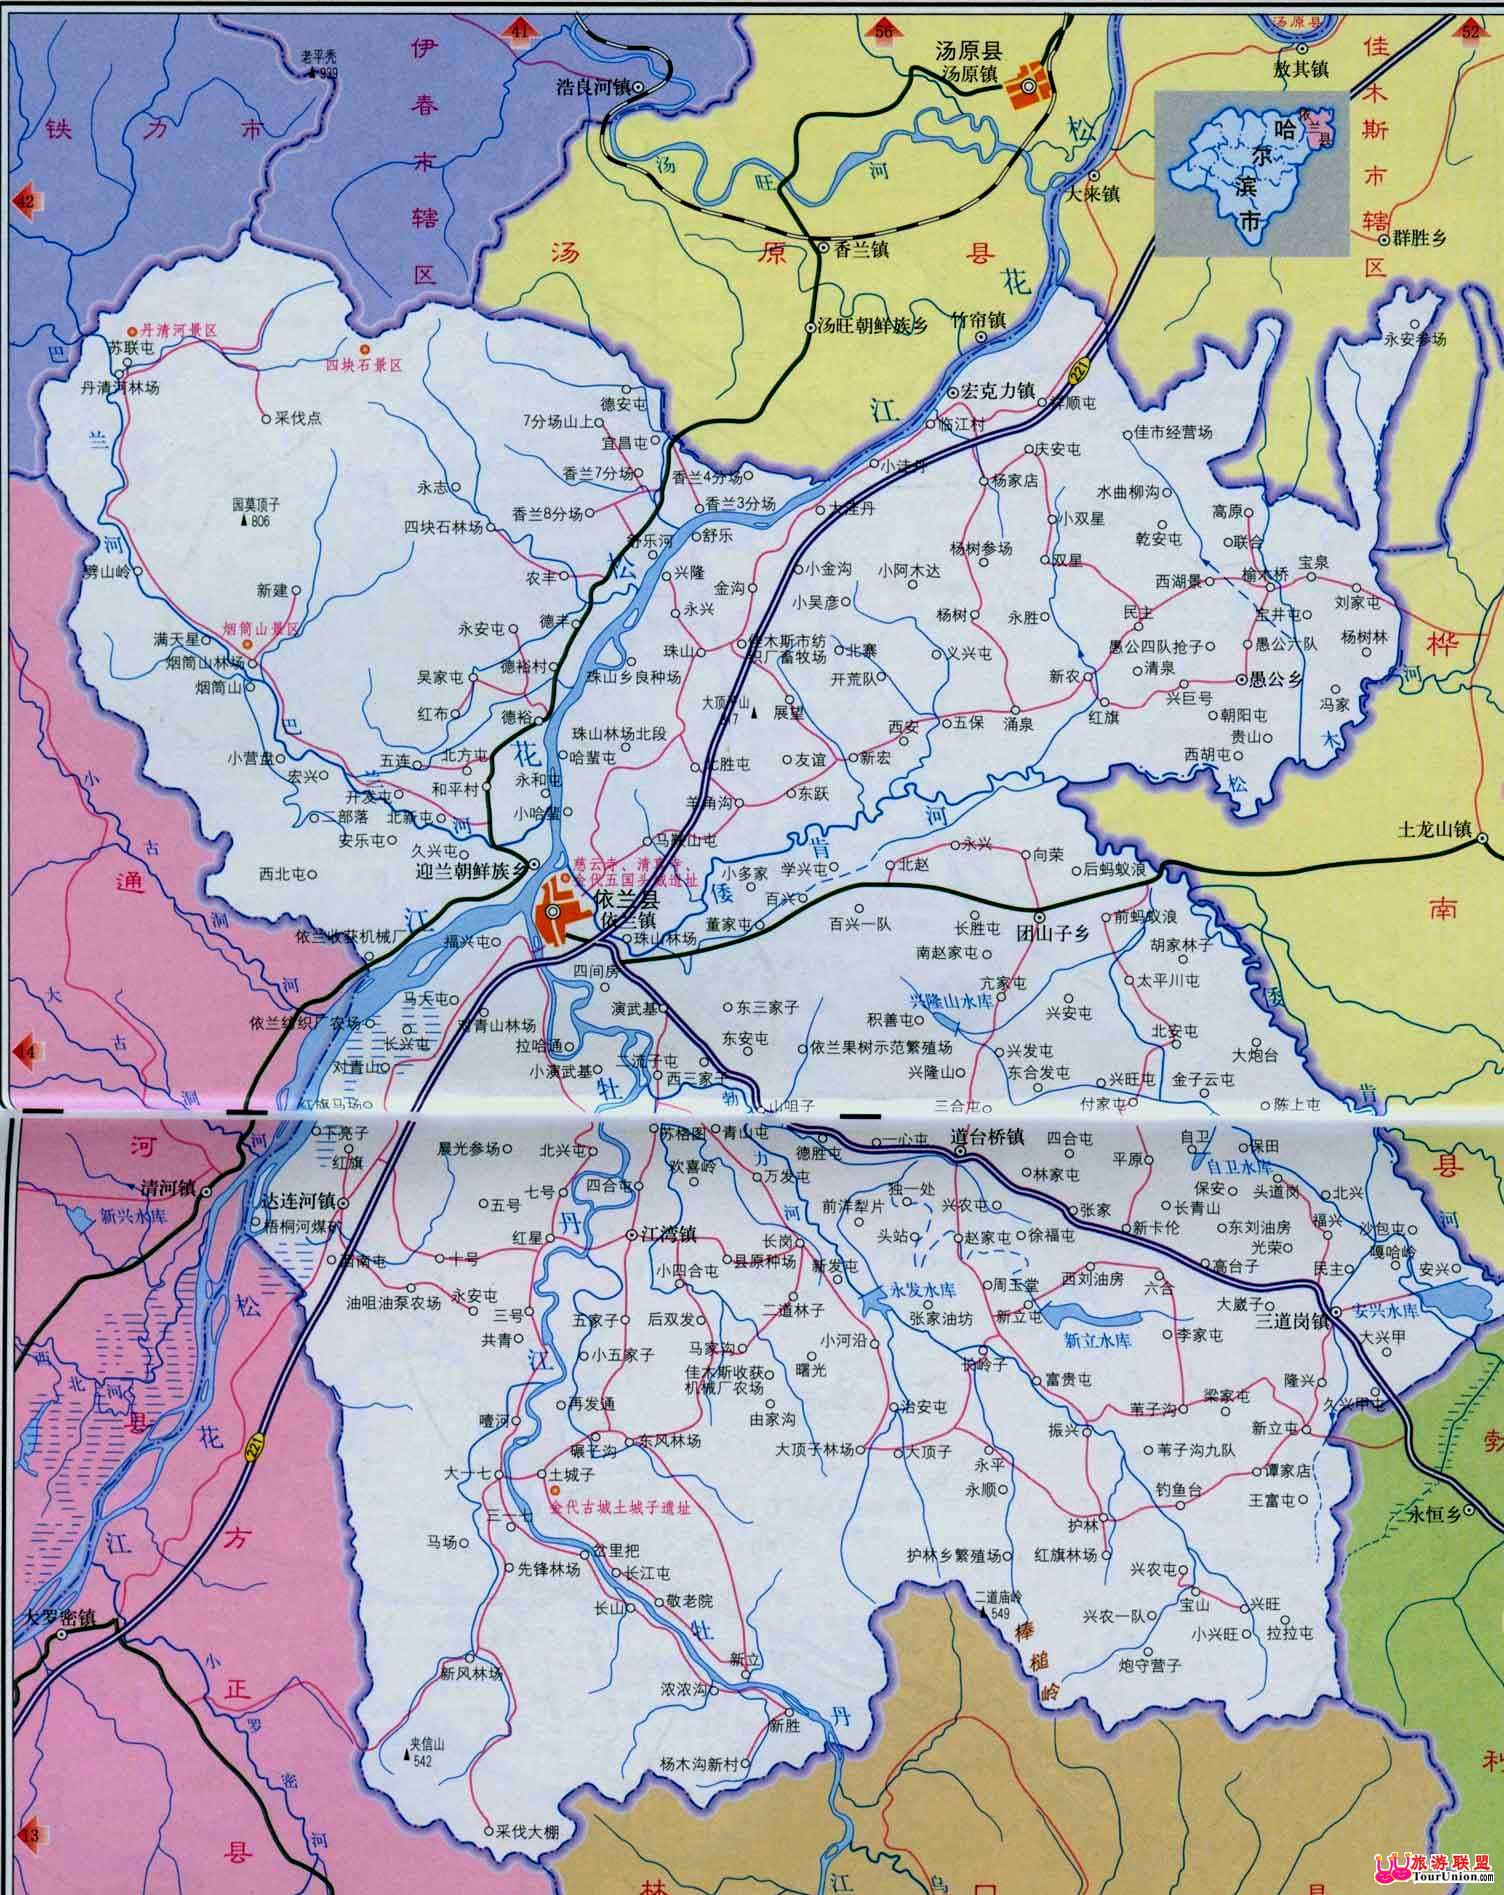 天气预报及气候介绍; 依兰 旅游地图, 依兰 旅游图片,50877.